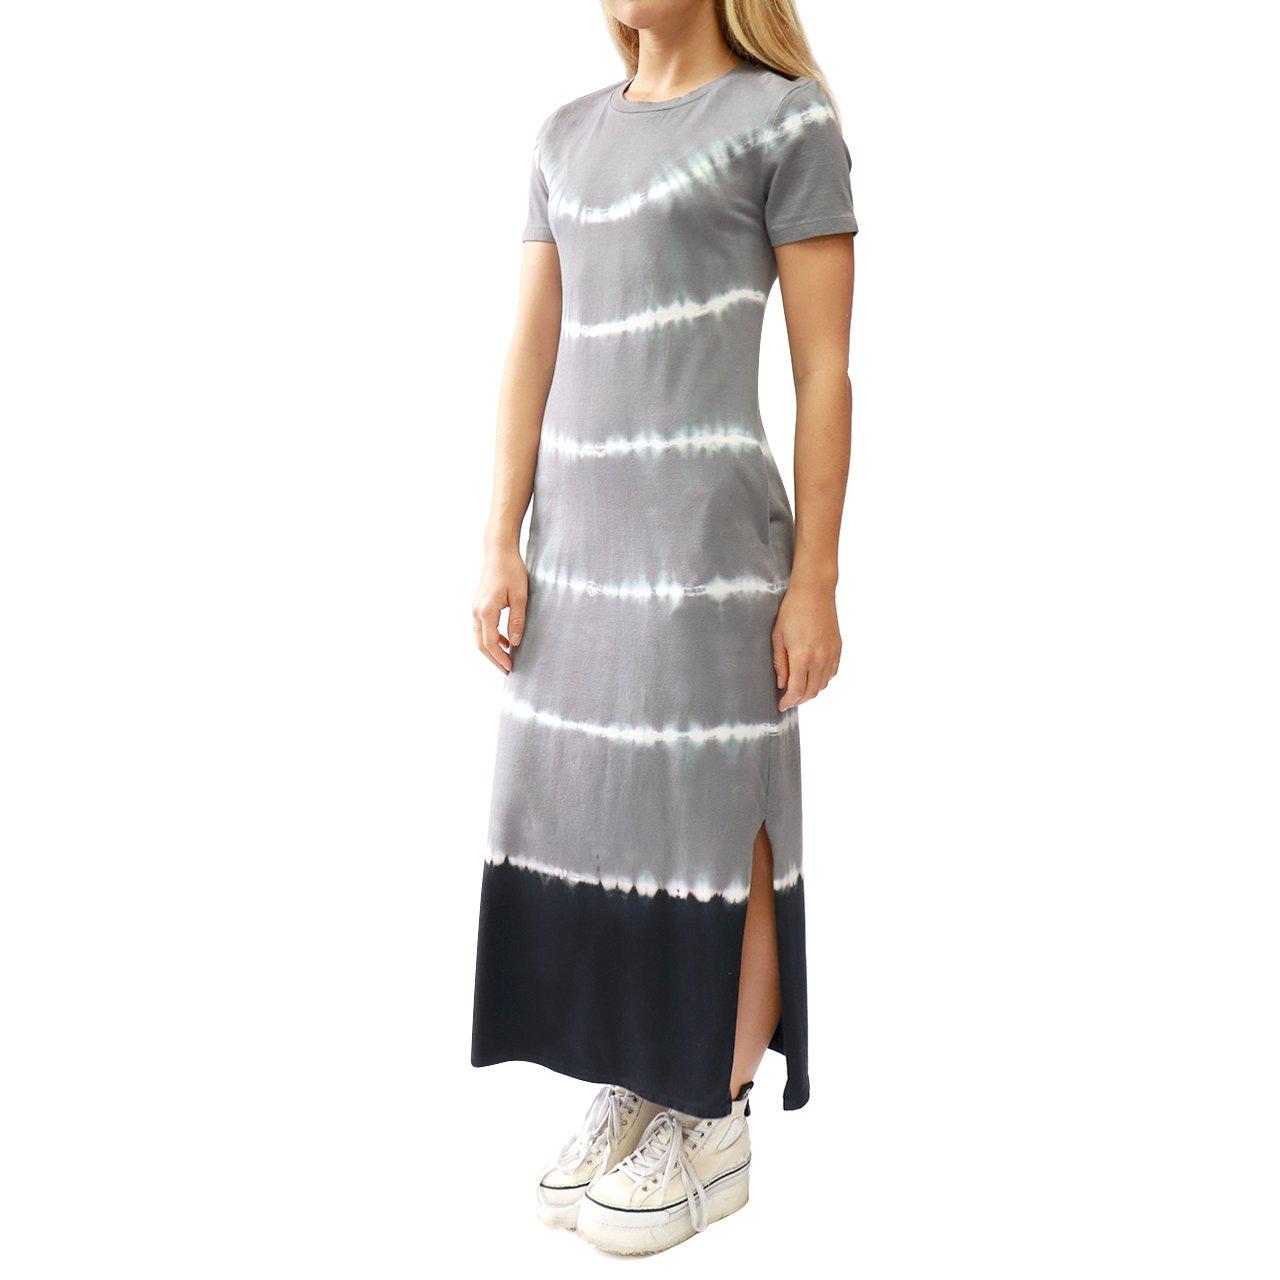 I Must Confess Maxi Dress